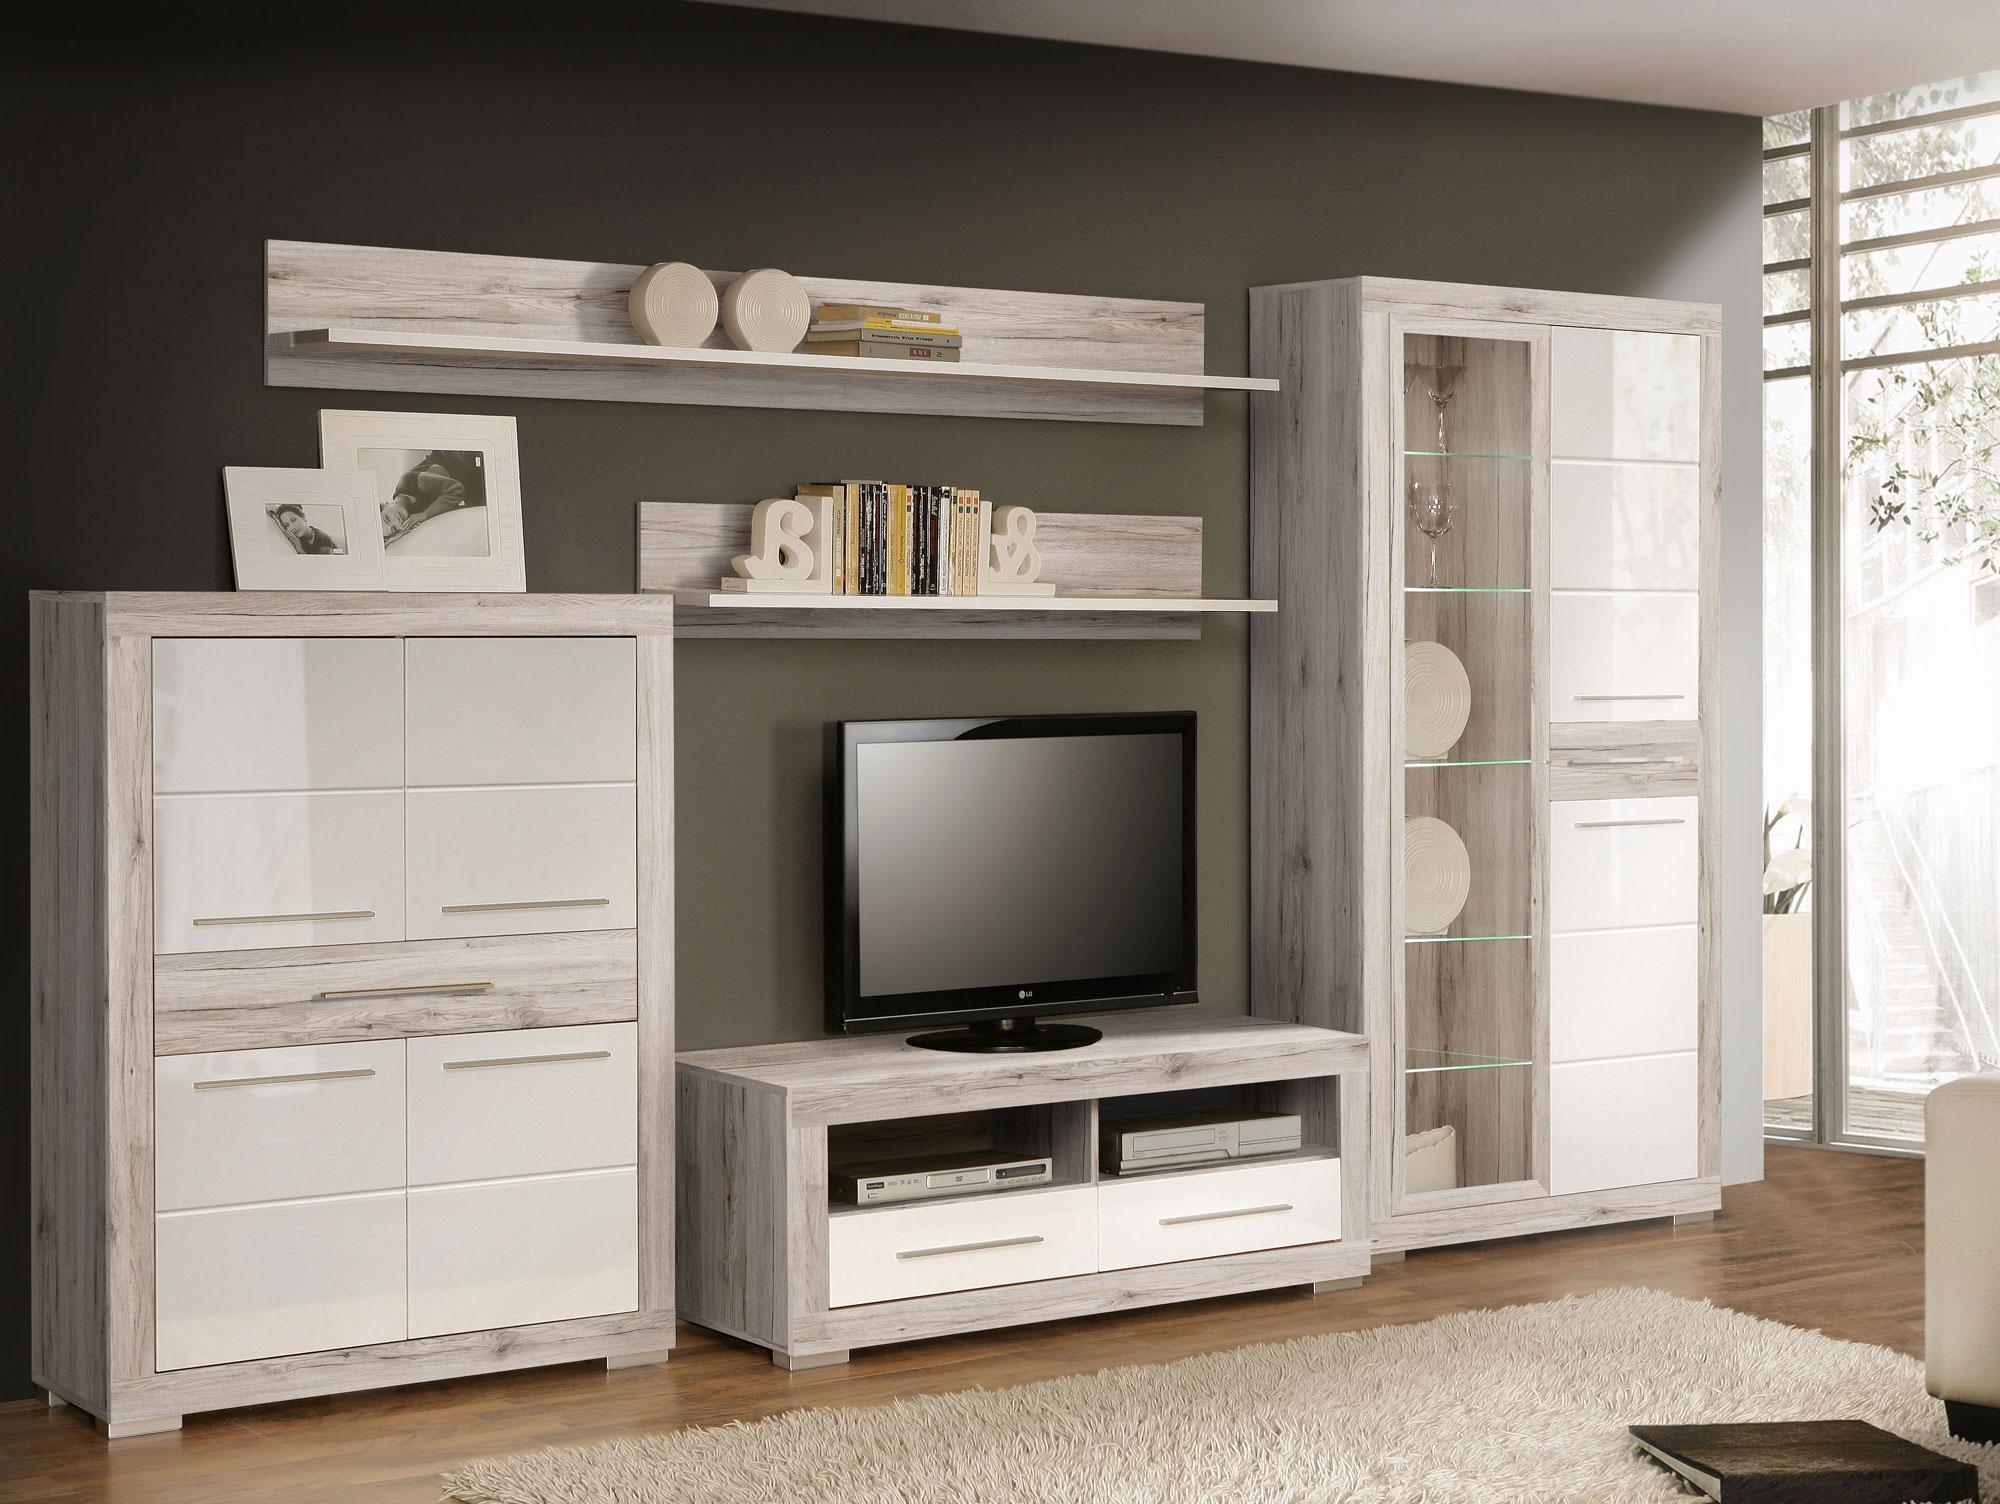 Schrankwand wei hochglanz excellent moderne wohnwand weis - Wohnwand aus paletten ...